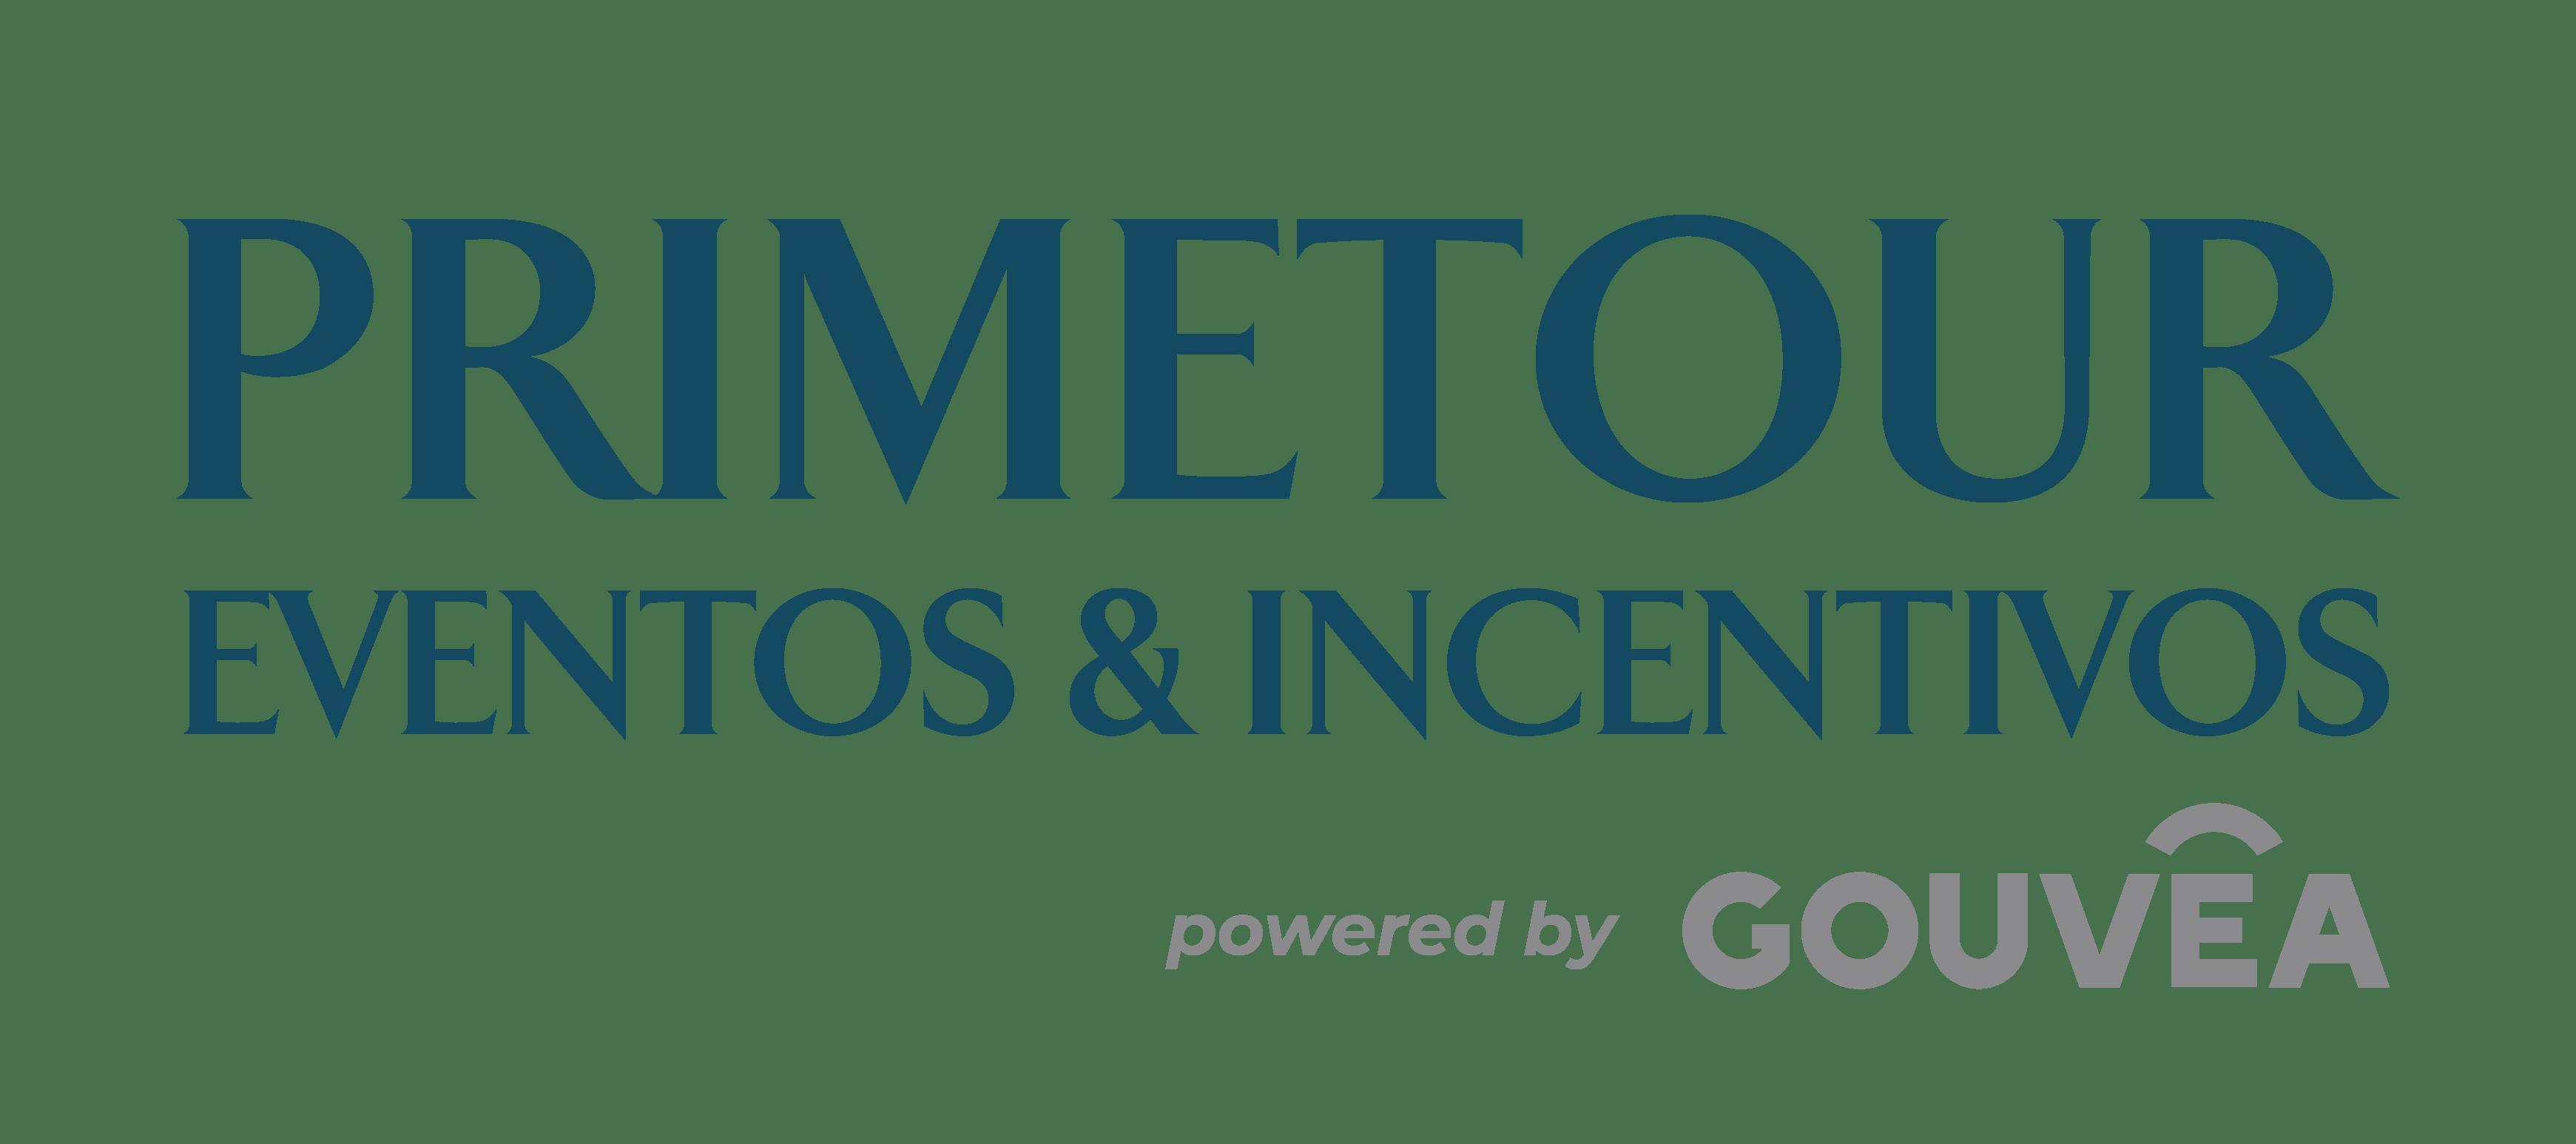 Logo Eventos 2021 Cmyk - Primetour Viagens & Eventos